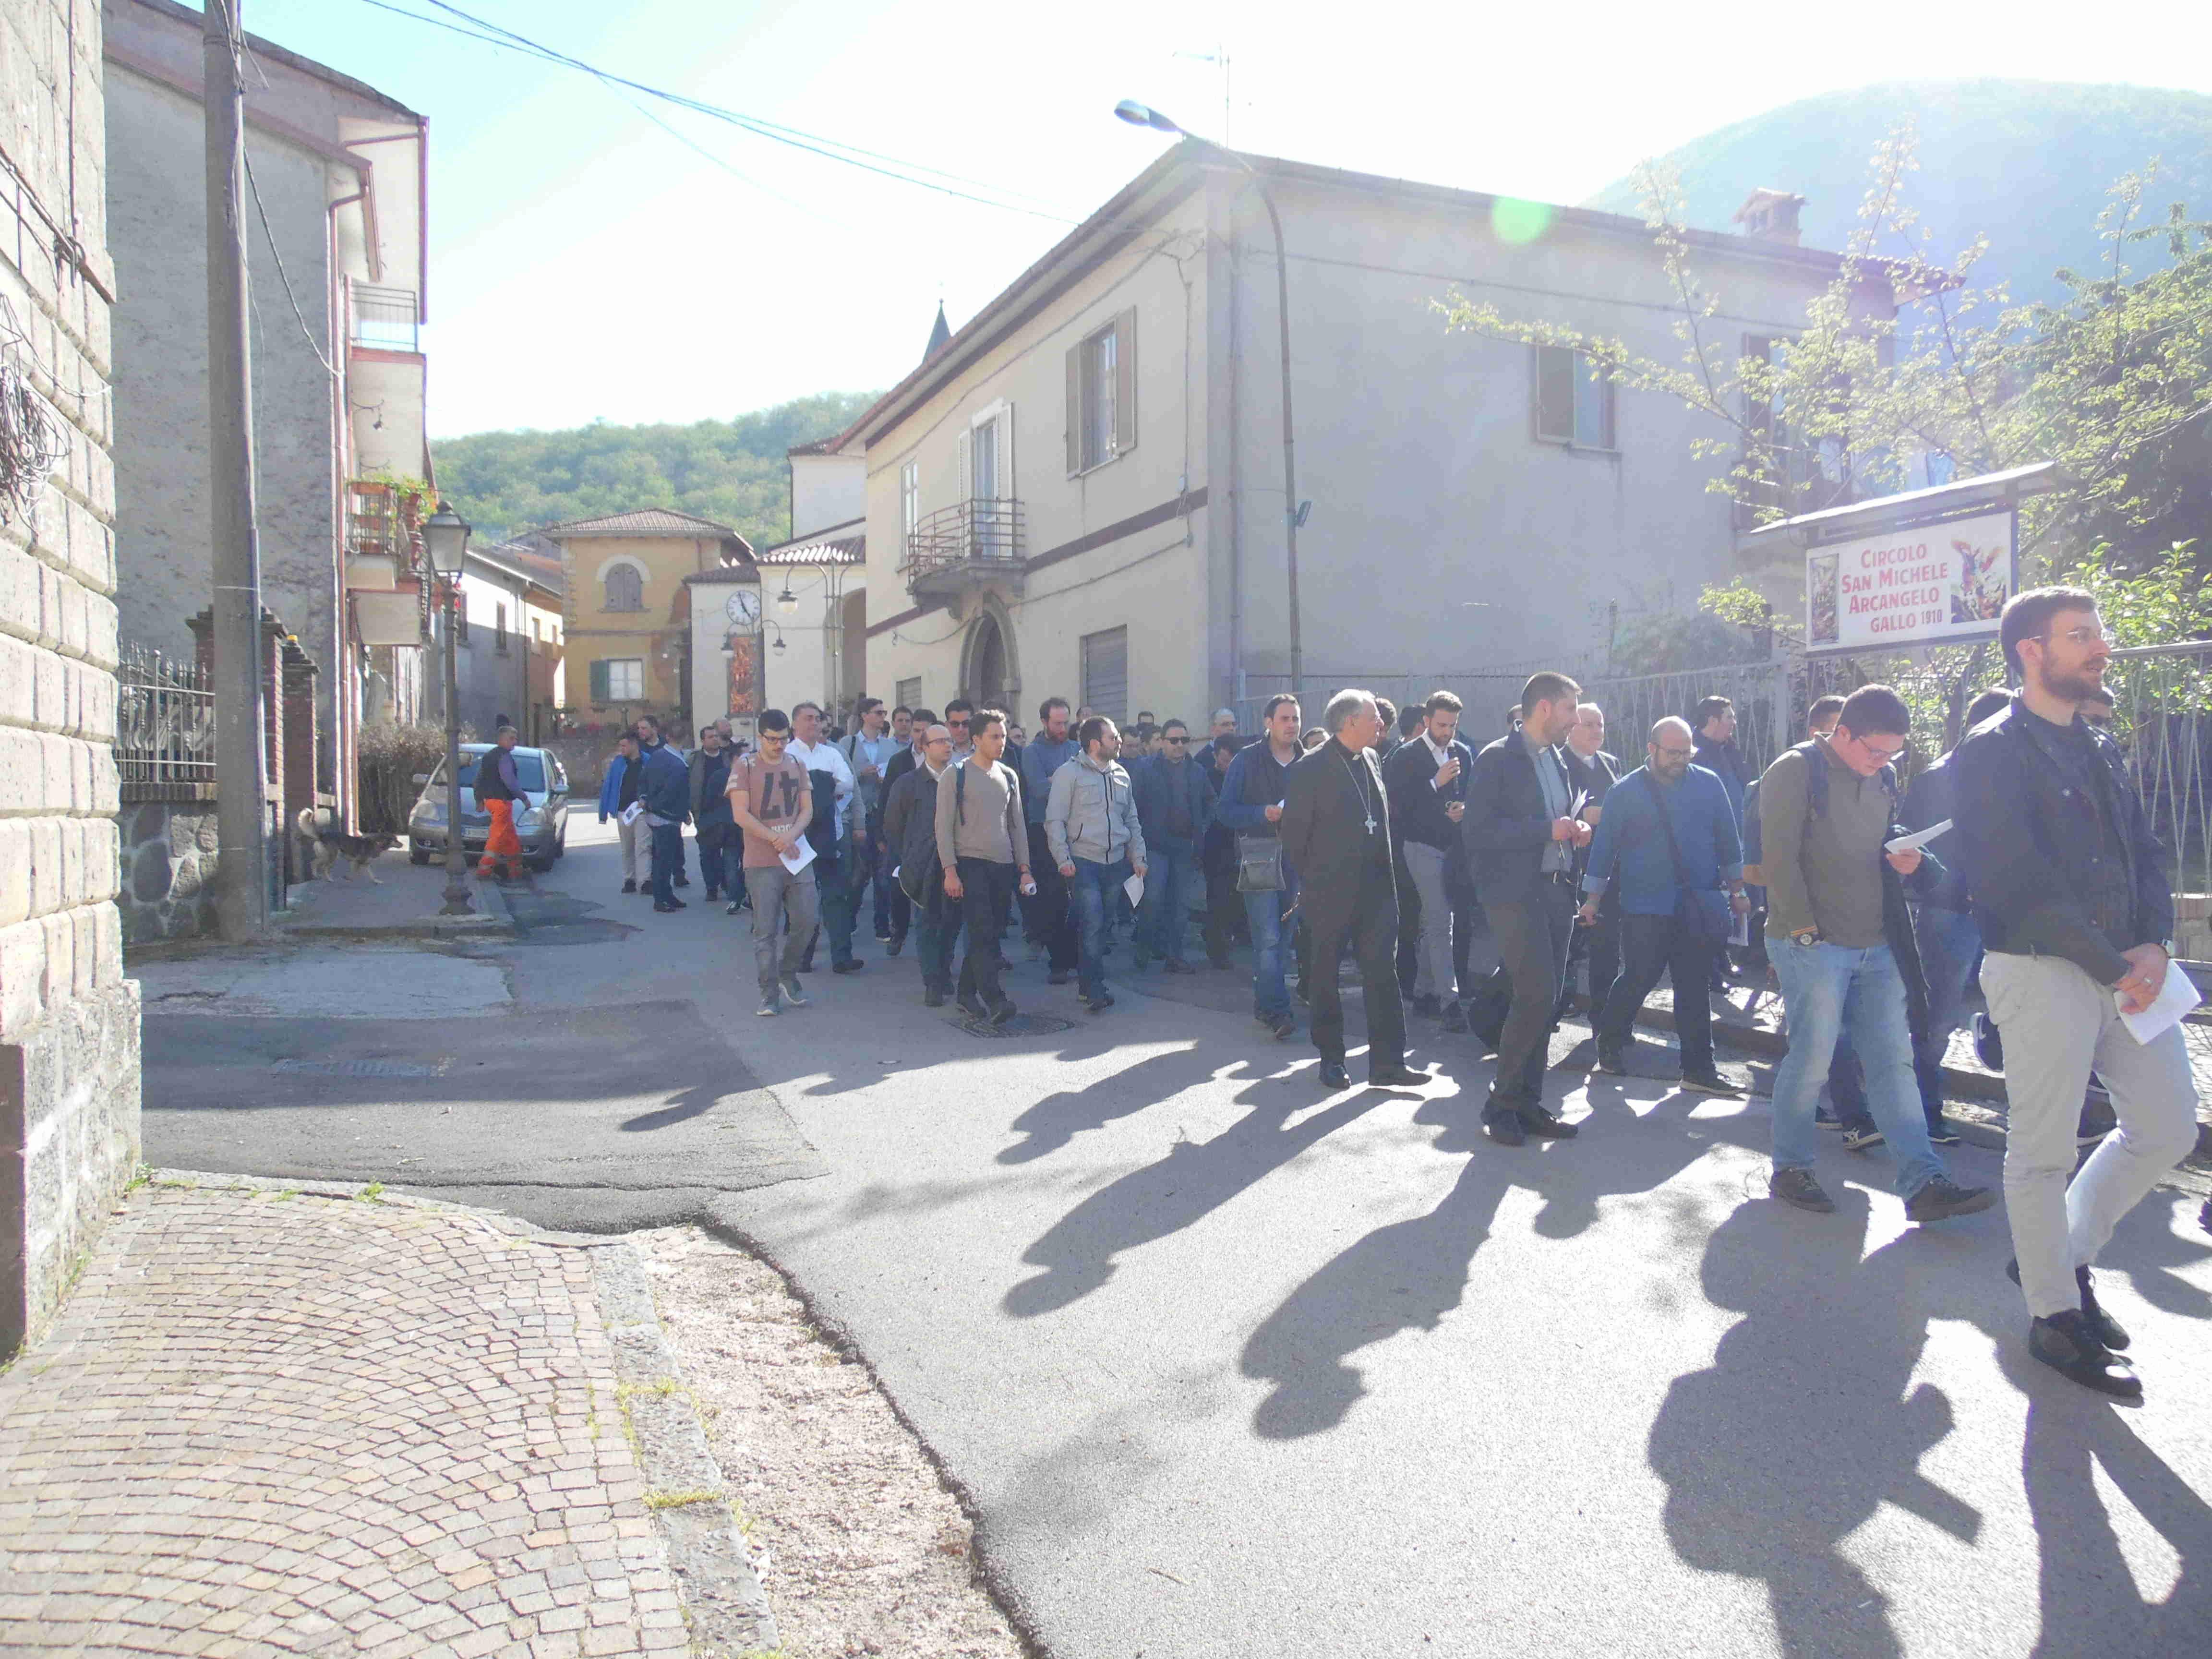 Pellegrinaggio Mariano 18-5-2018 (29)